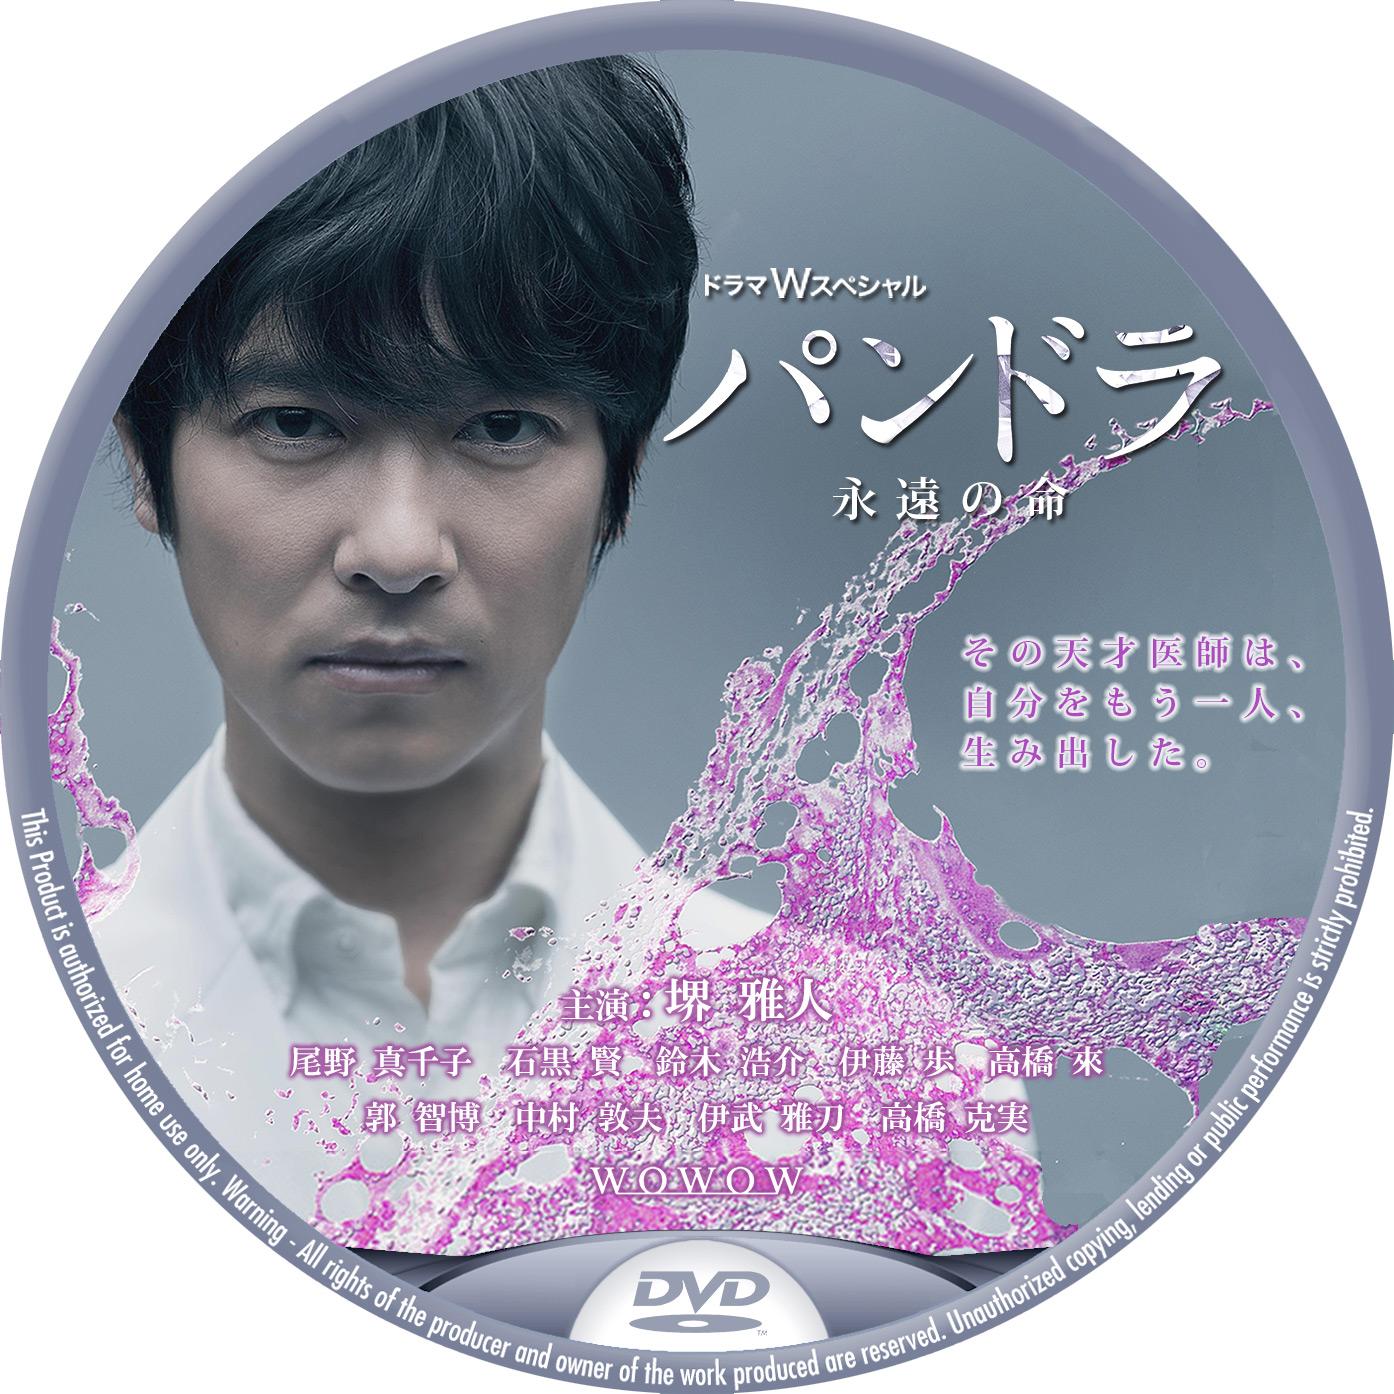 パンドラ 永遠の命 堺雅人 DVDラベル